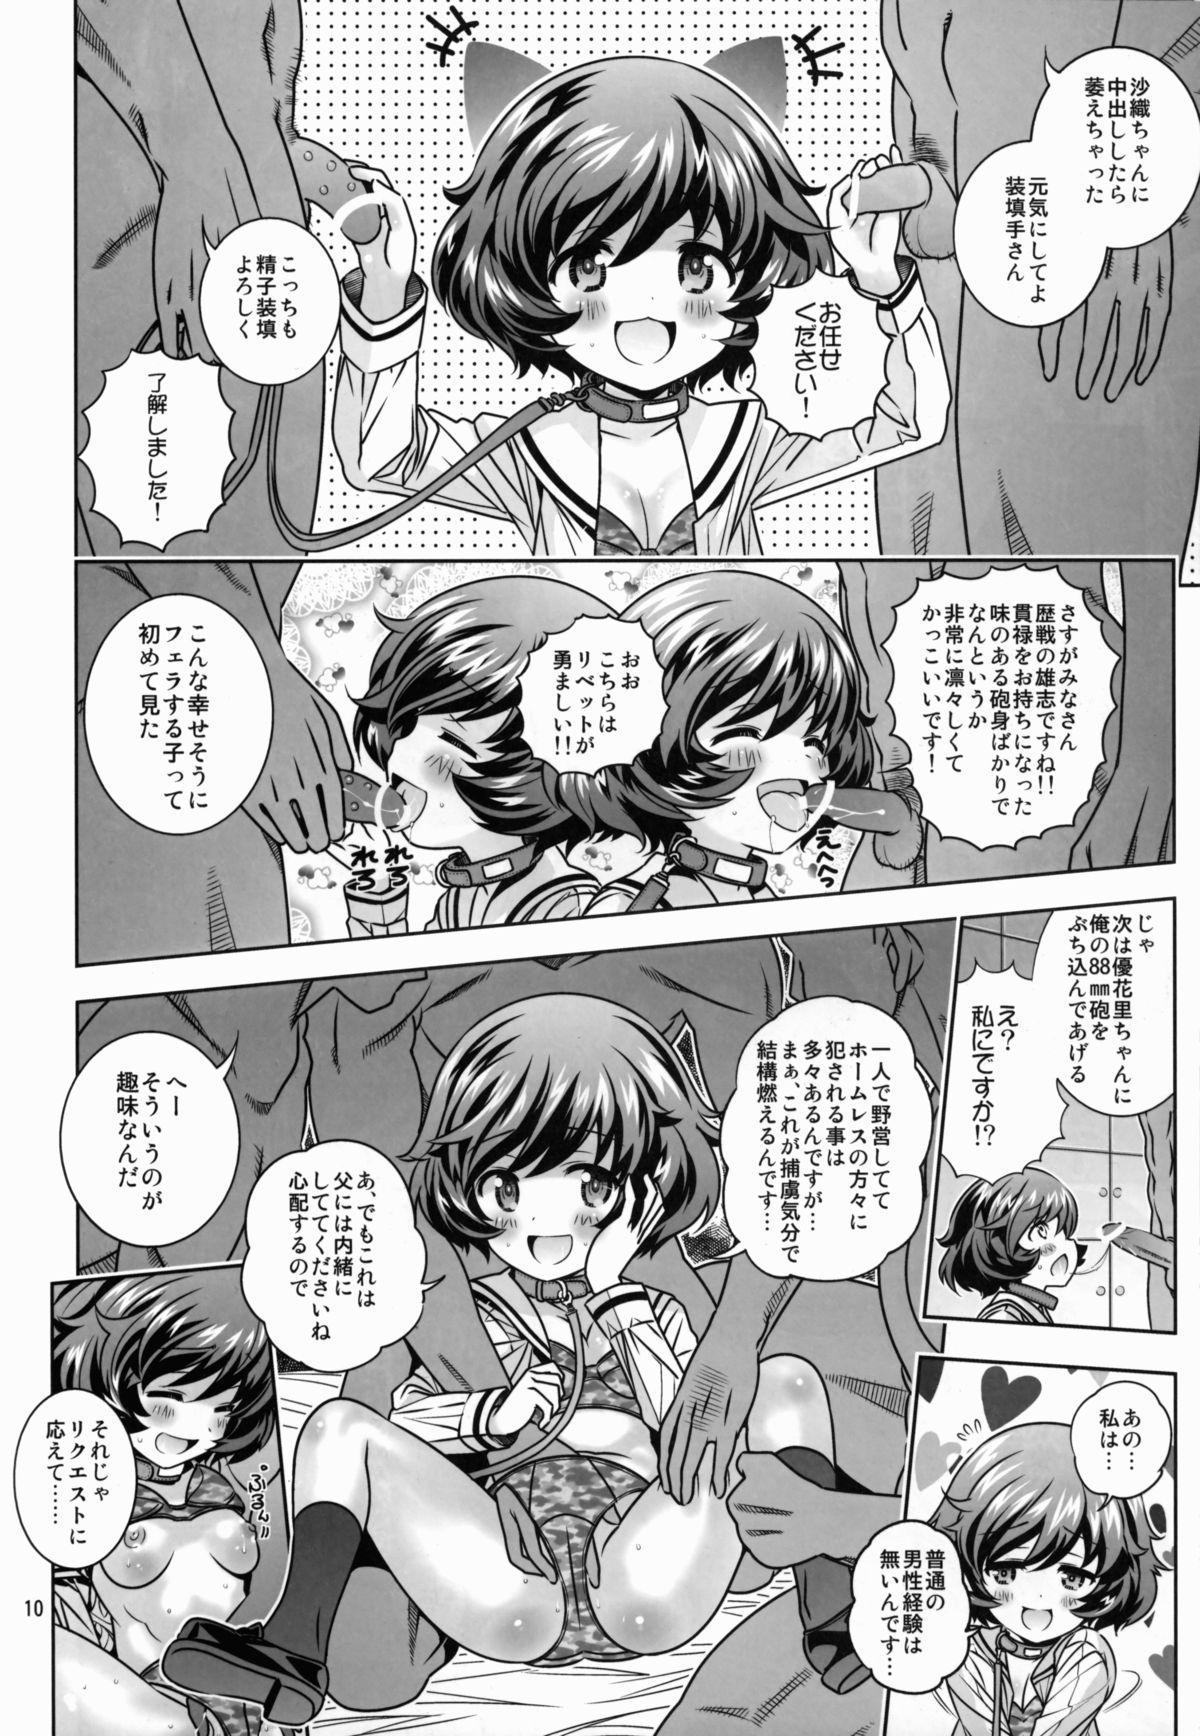 AV Shutsuen, Ganbarimasu! Danshi no Ue demo Choushinchisenkaishichatta 9